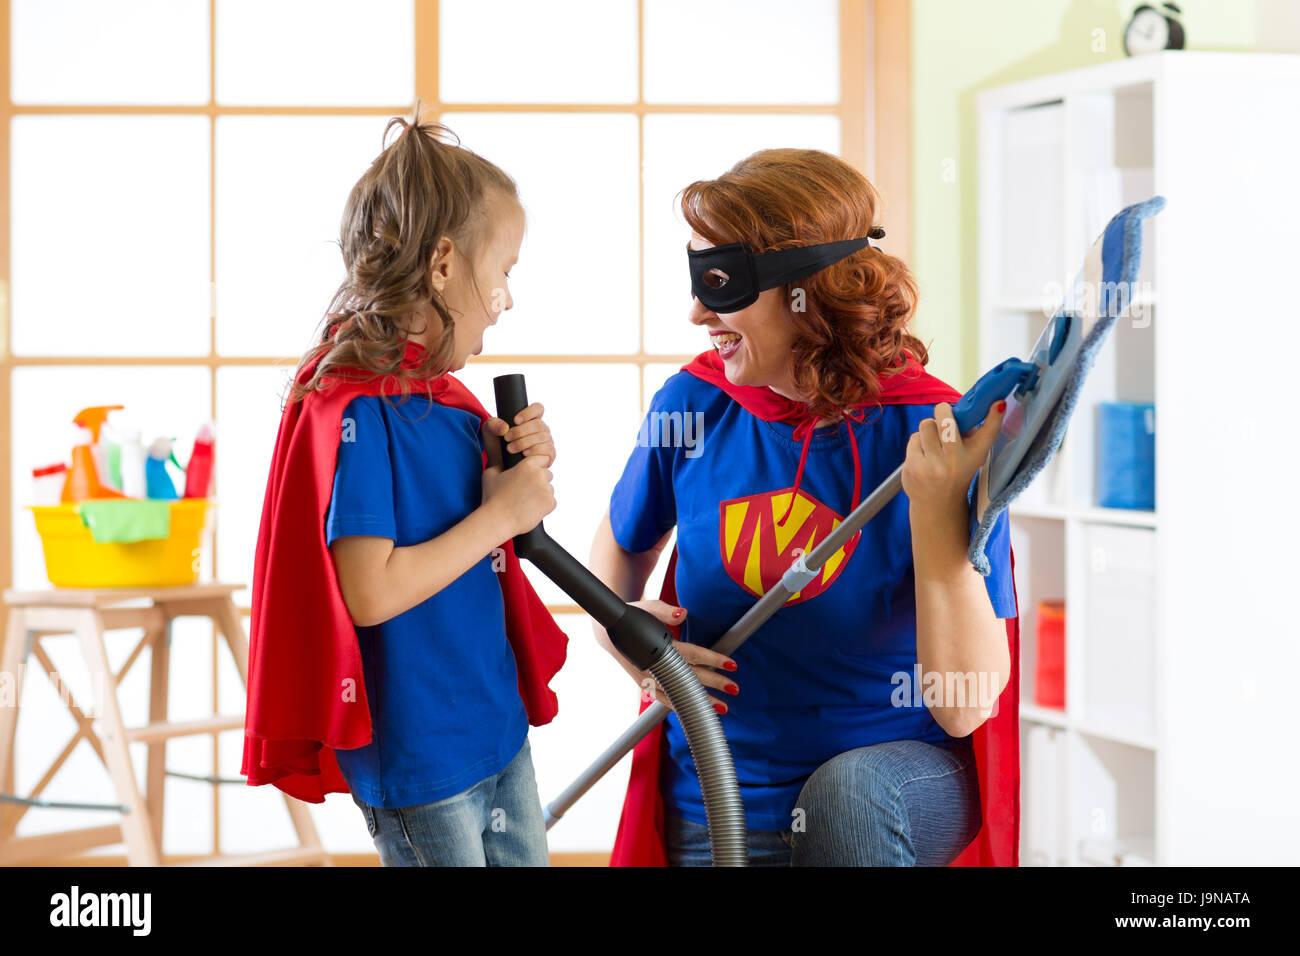 Donna felice con kid pulizia camera e hanno un divertimento. La madre e il bambino ragazza giocare insieme. La famiglia Immagini Stock